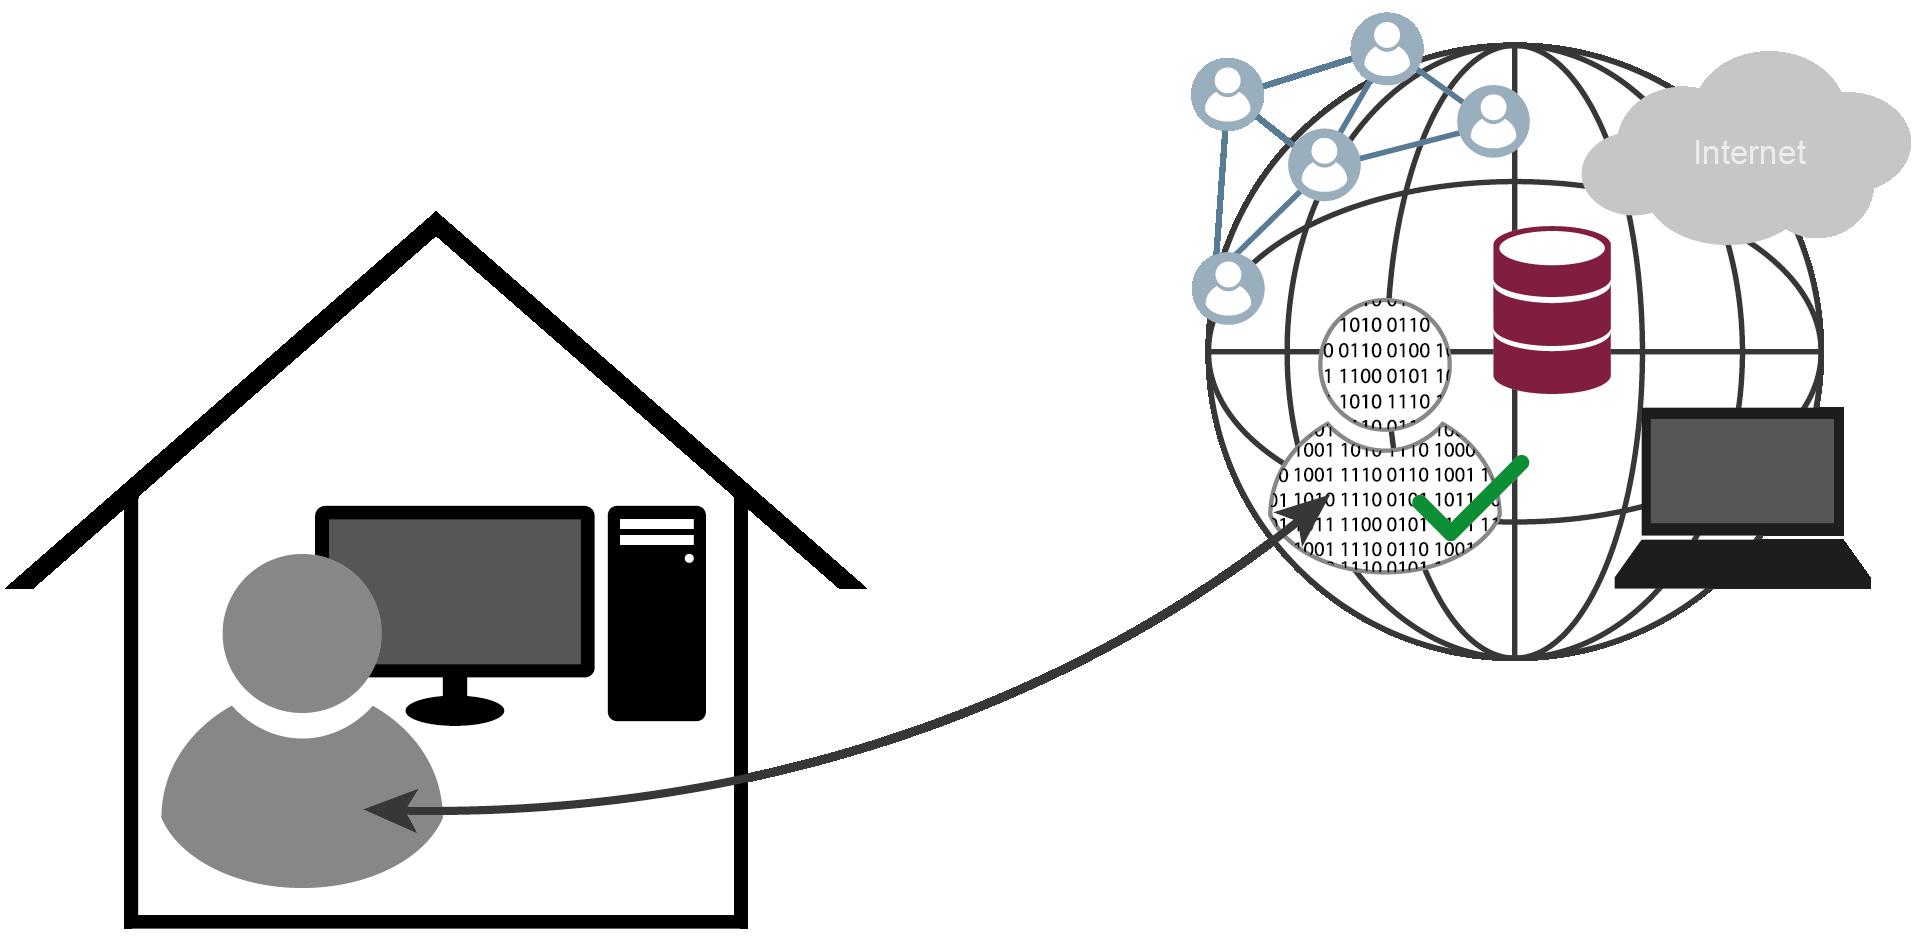 Abgeleitete Identität - Glossar Cyber-Sicherheit - Prof. Norbert Pohlmann